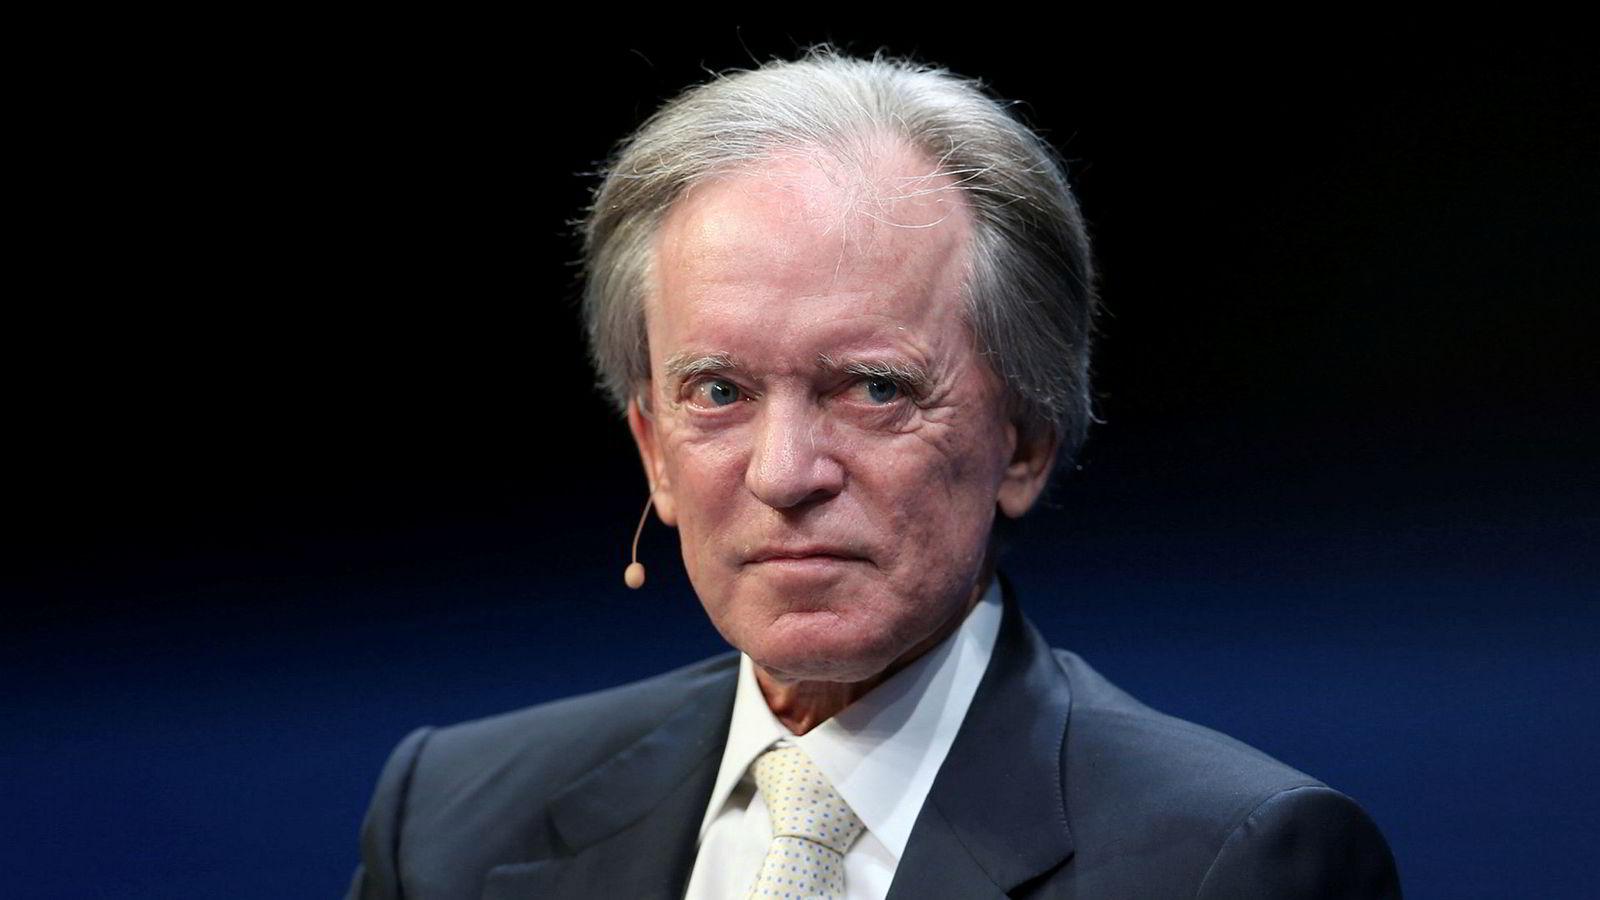 Porteføljeforvalter og investorlegenden Bill Gross advarer mot rekordhøy risiko i markedene og tror enkeltindivider ender opp med å betale prisen for at sentralbankenes slappe finanspolitikk pumper opp prisene i aksjemarkedet.